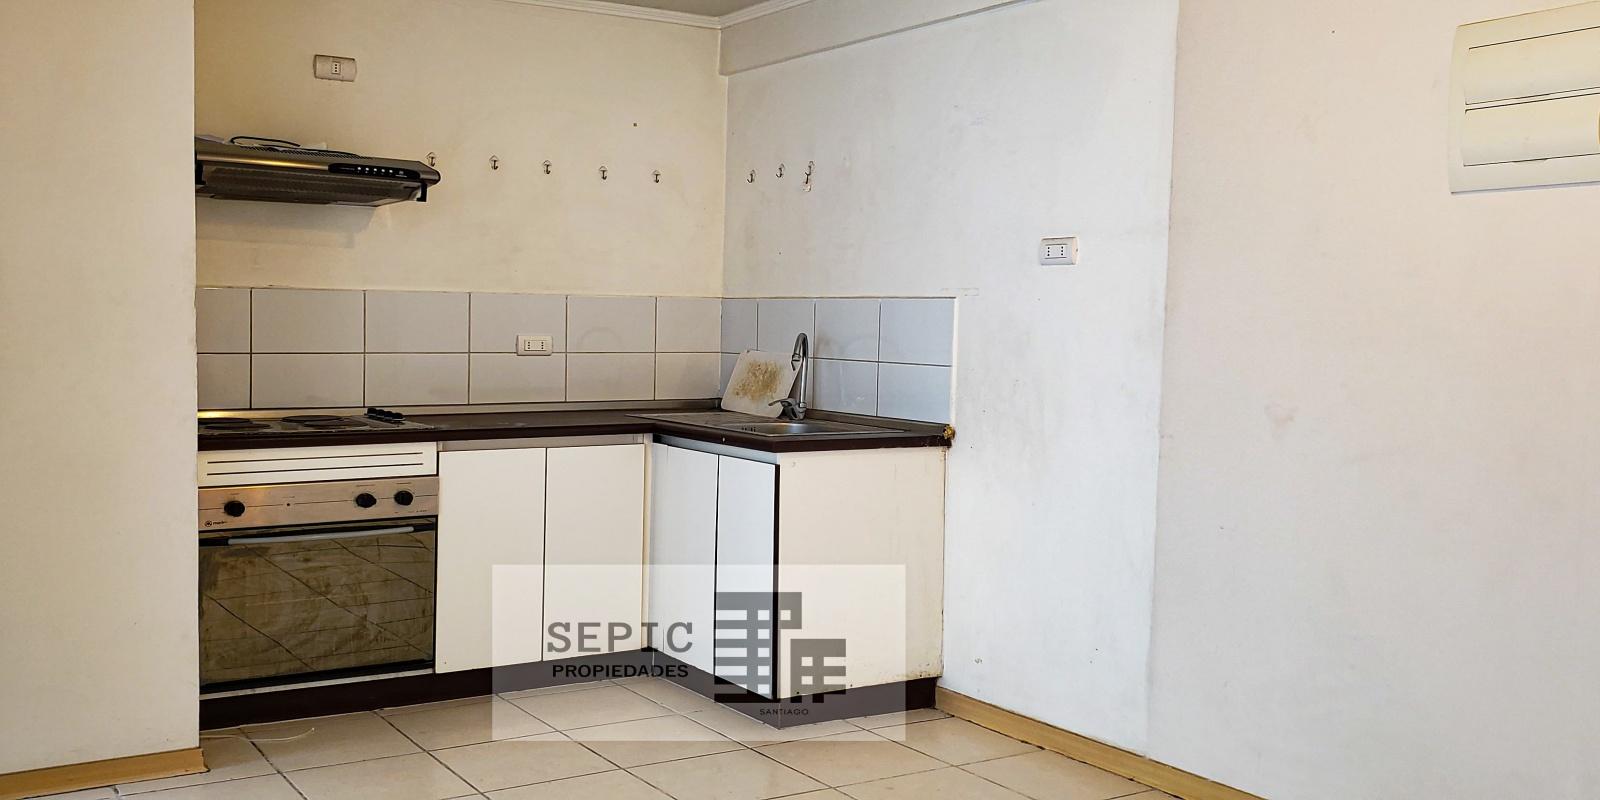 Región Metropolitana, 2 Habitaciones Habitaciones, ,1 BañoBathrooms,Departamento,Venta,1096